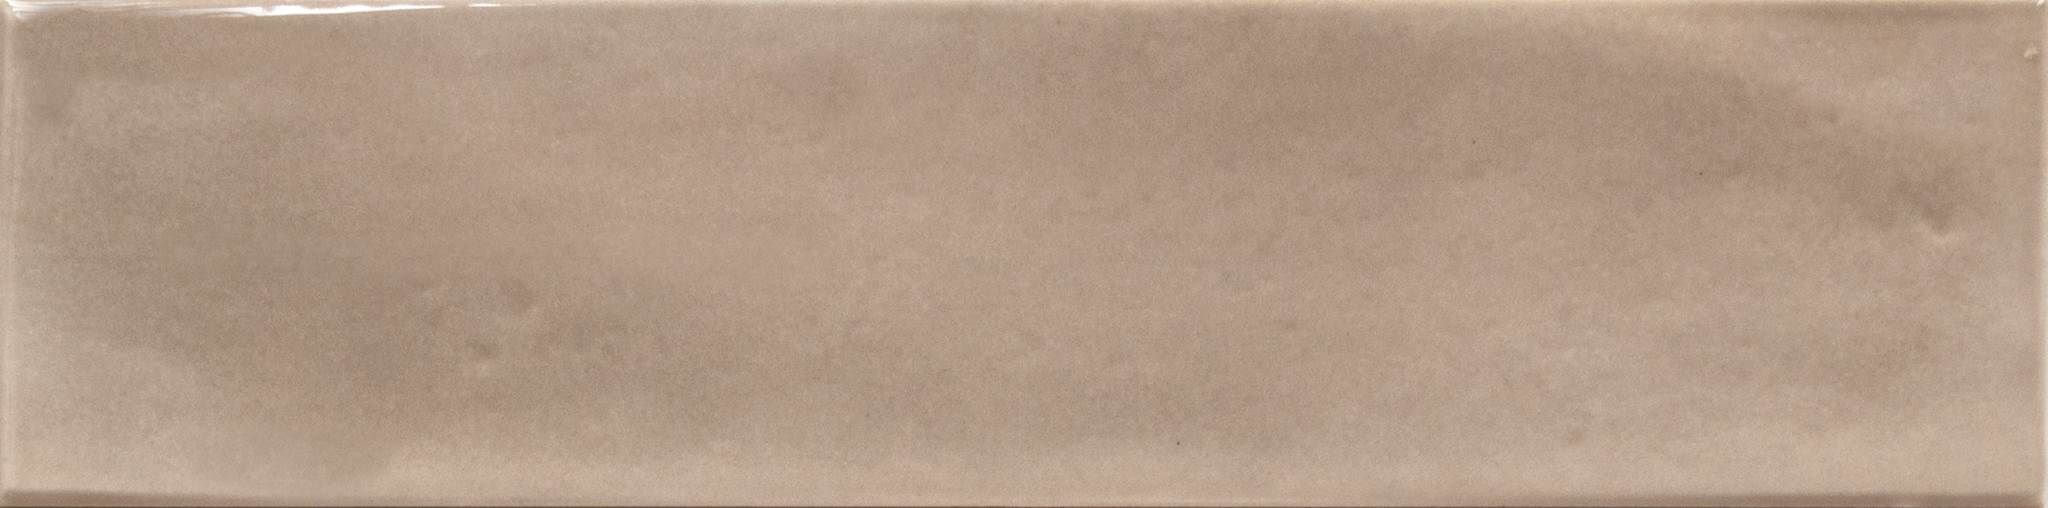 Купить Керамическая плитка Cifre Opal Vison настенная 7, 5x30, Cifre Ceramica, Испания